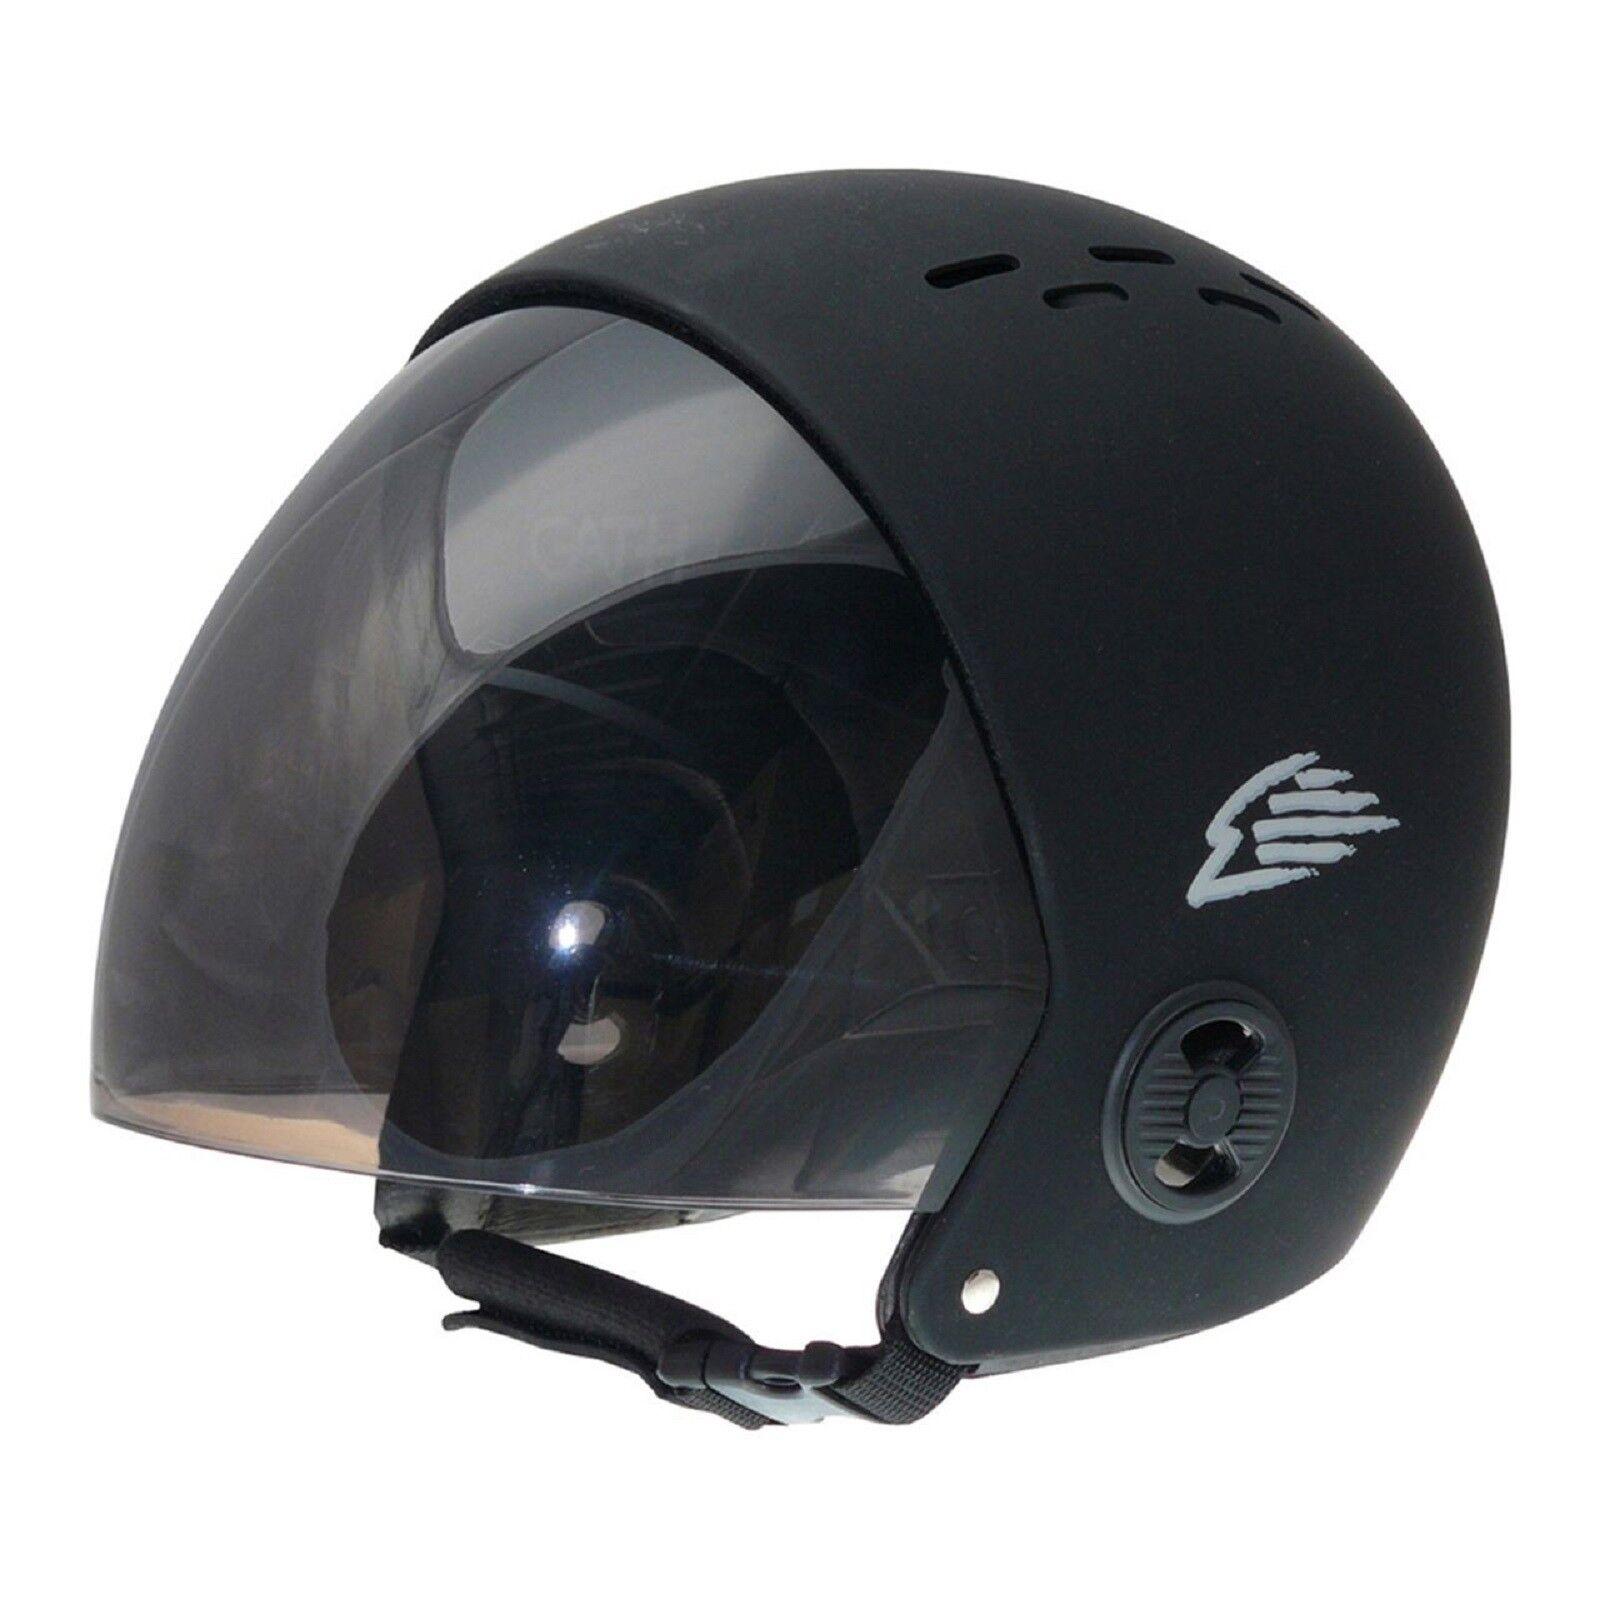 GATH Wassersport Helm Vario Visor M schwarz  schwarz  Windsurf  Kite  Wakeboard